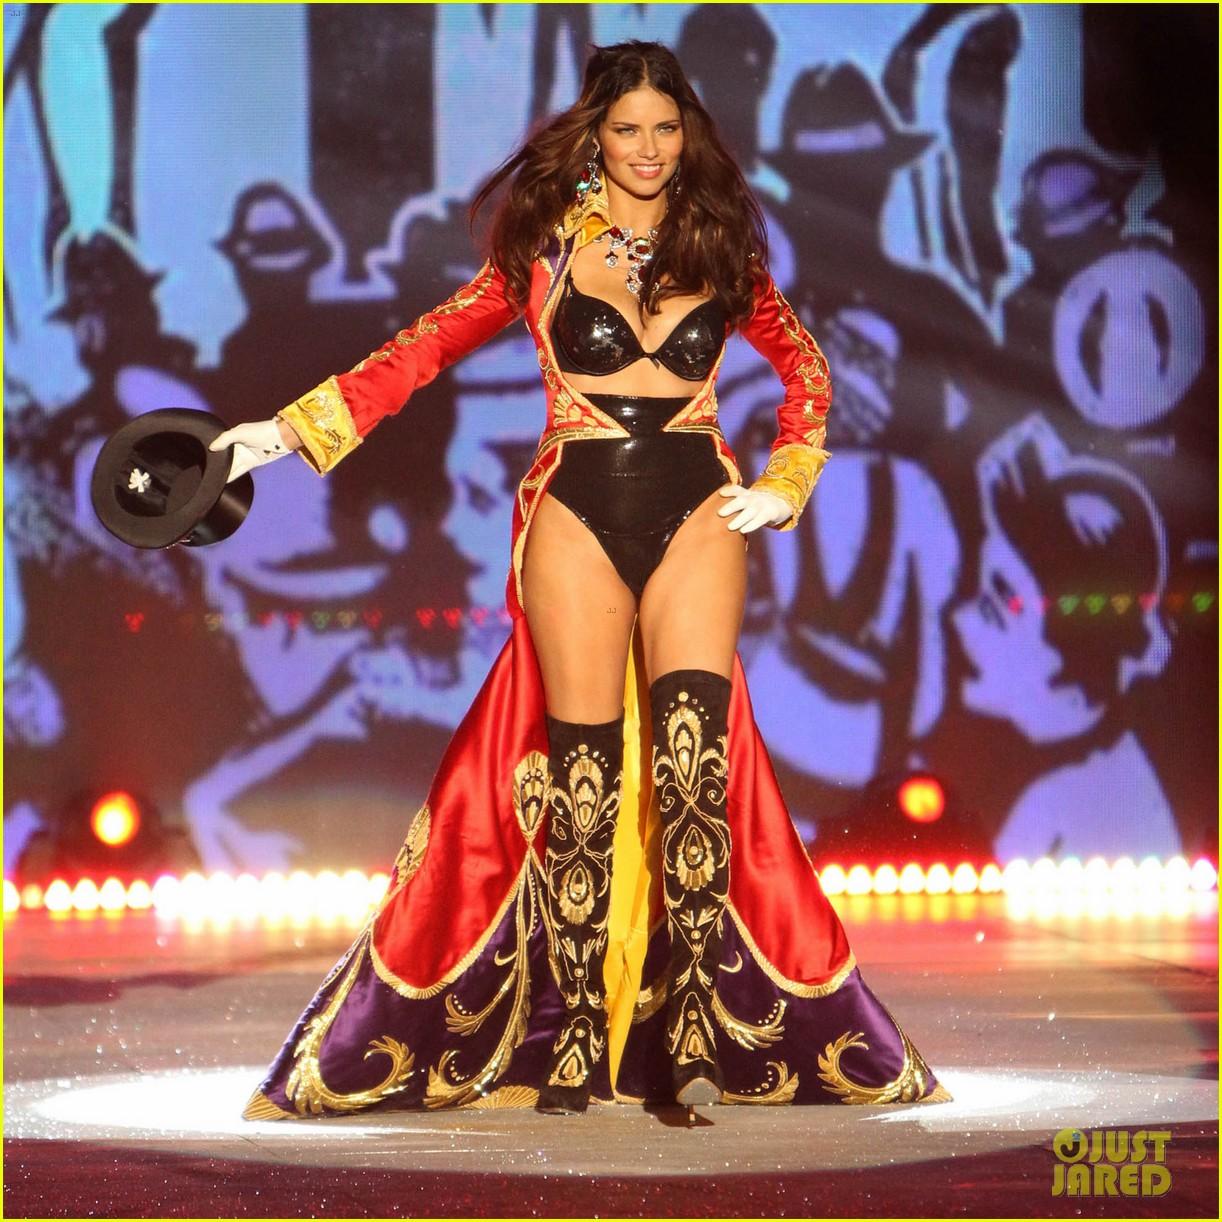 Victoria Fashion Show 2012 Secret Fashion Show